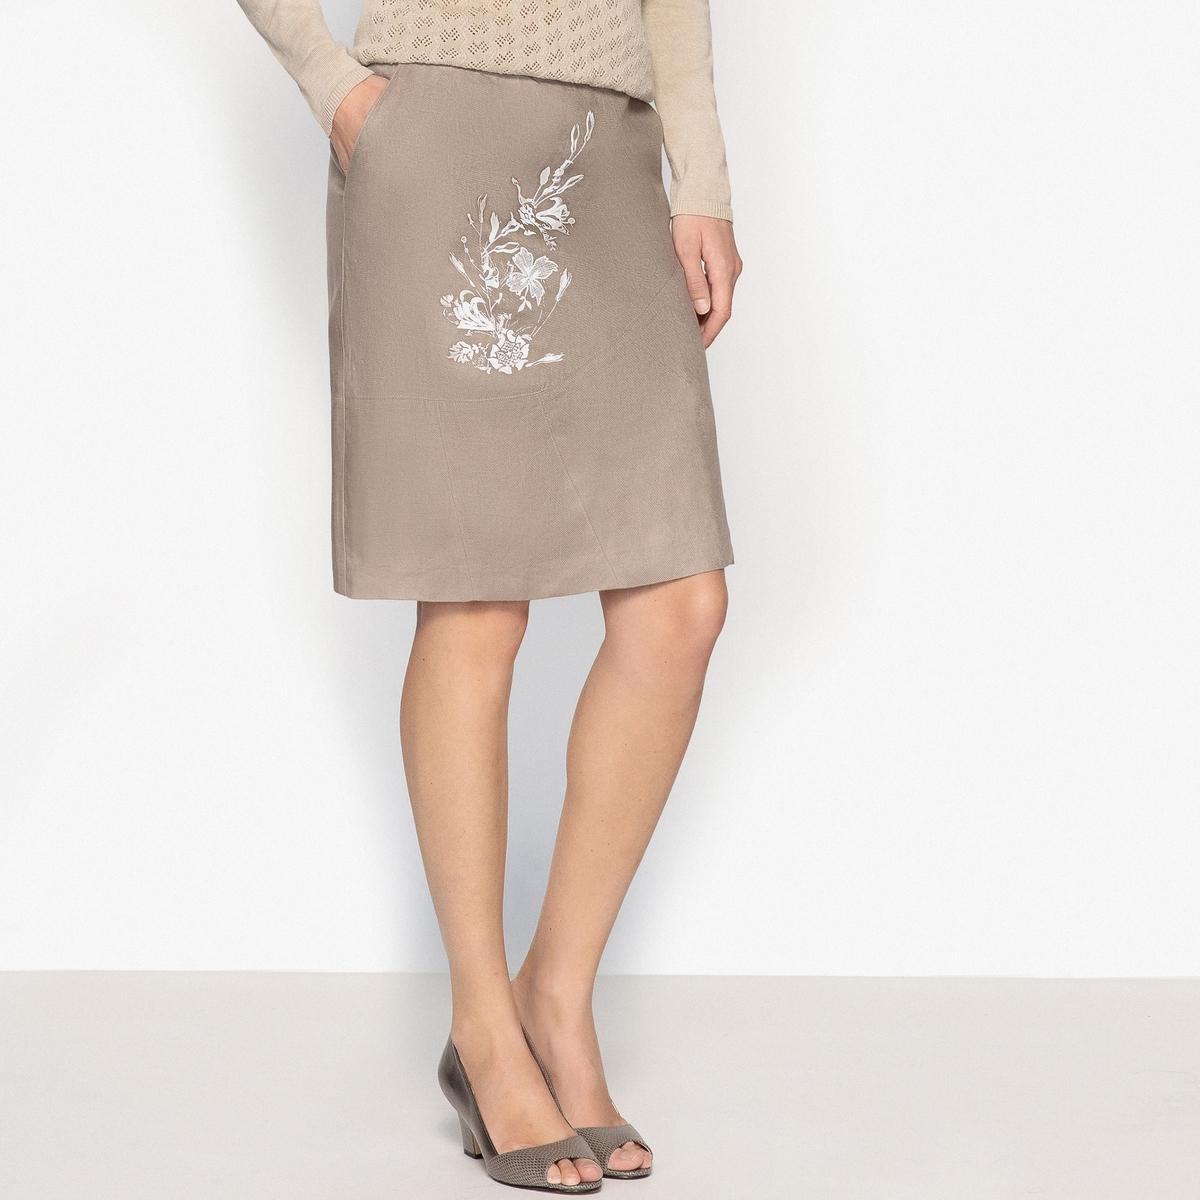 Юбка короткая расклешенная, 100% ленОписание:Слегка расклешенная юбка с набивным рисунком. Мягкая и натуральная саржа, чтобы чувствовать себя свободно  и элегантно.Детали •  Форма : расклешенная •  Укороченная модель  •  Рисунок-принт •  Эластичный поясСостав и уход •  100% лен  •  Подкладка : 100% хлопок •  Температура стирки 30° на деликатном режиме   •  Сухая чистка и отбеливатели запрещены •  Не использовать барабанную сушку •  Низкая температура глажки •  Прямой пояс •   асимметричные отрезные детали спереди и сзади •   Карманы с отрезными бочками •   Застежка на скрытую молнию сбоку •   Эластичная вставка, начиная с размера 44 •   Подкладка из вуали, 100% хлопок •   Длина 56 см<br><br>Цвет: серо-коричневый/рисунок